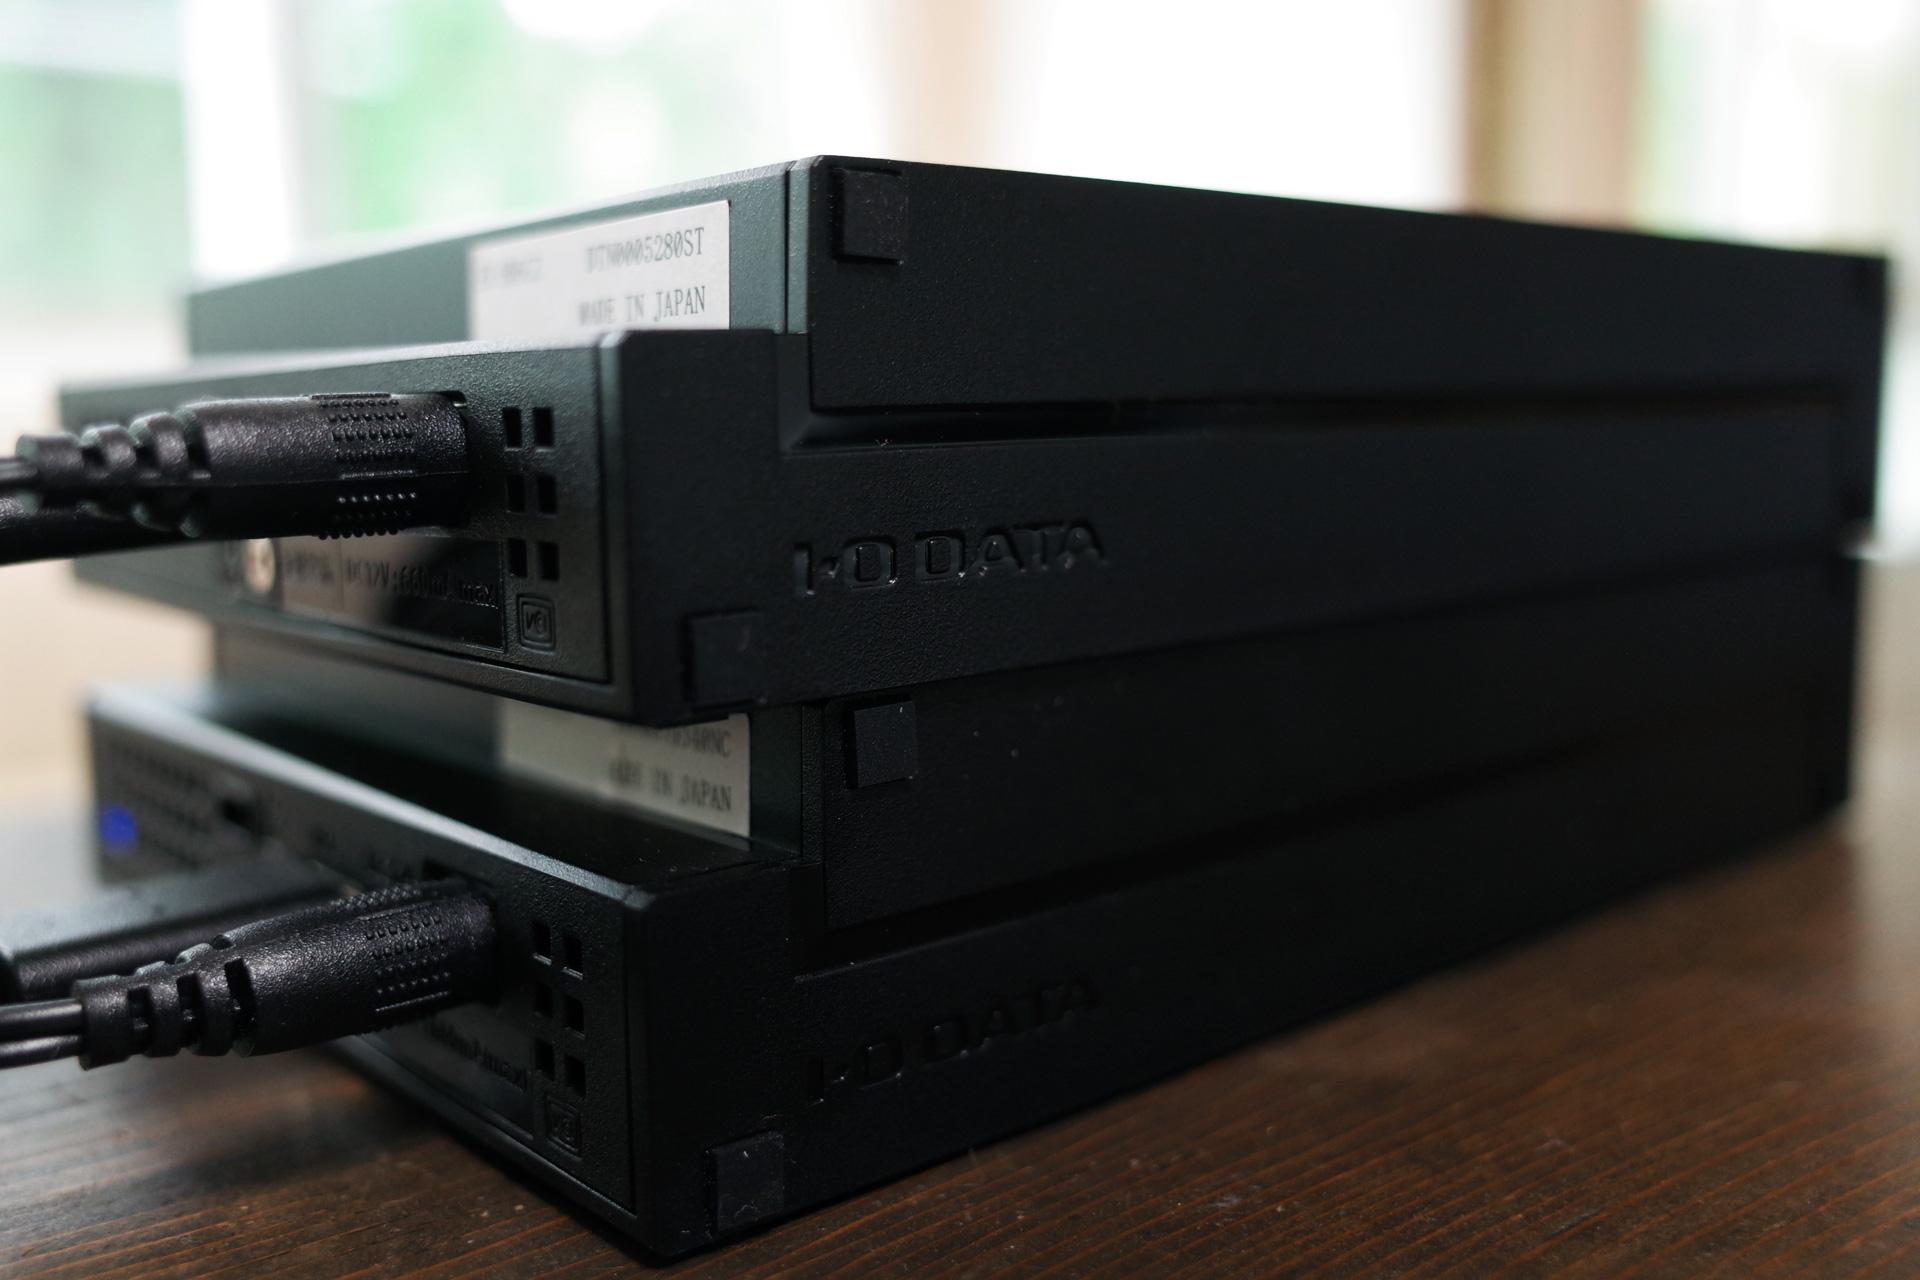 フォルダ間 同期で管理も楽々...外付けHDDハードディスク「I-O DATA」をパソコンに設置